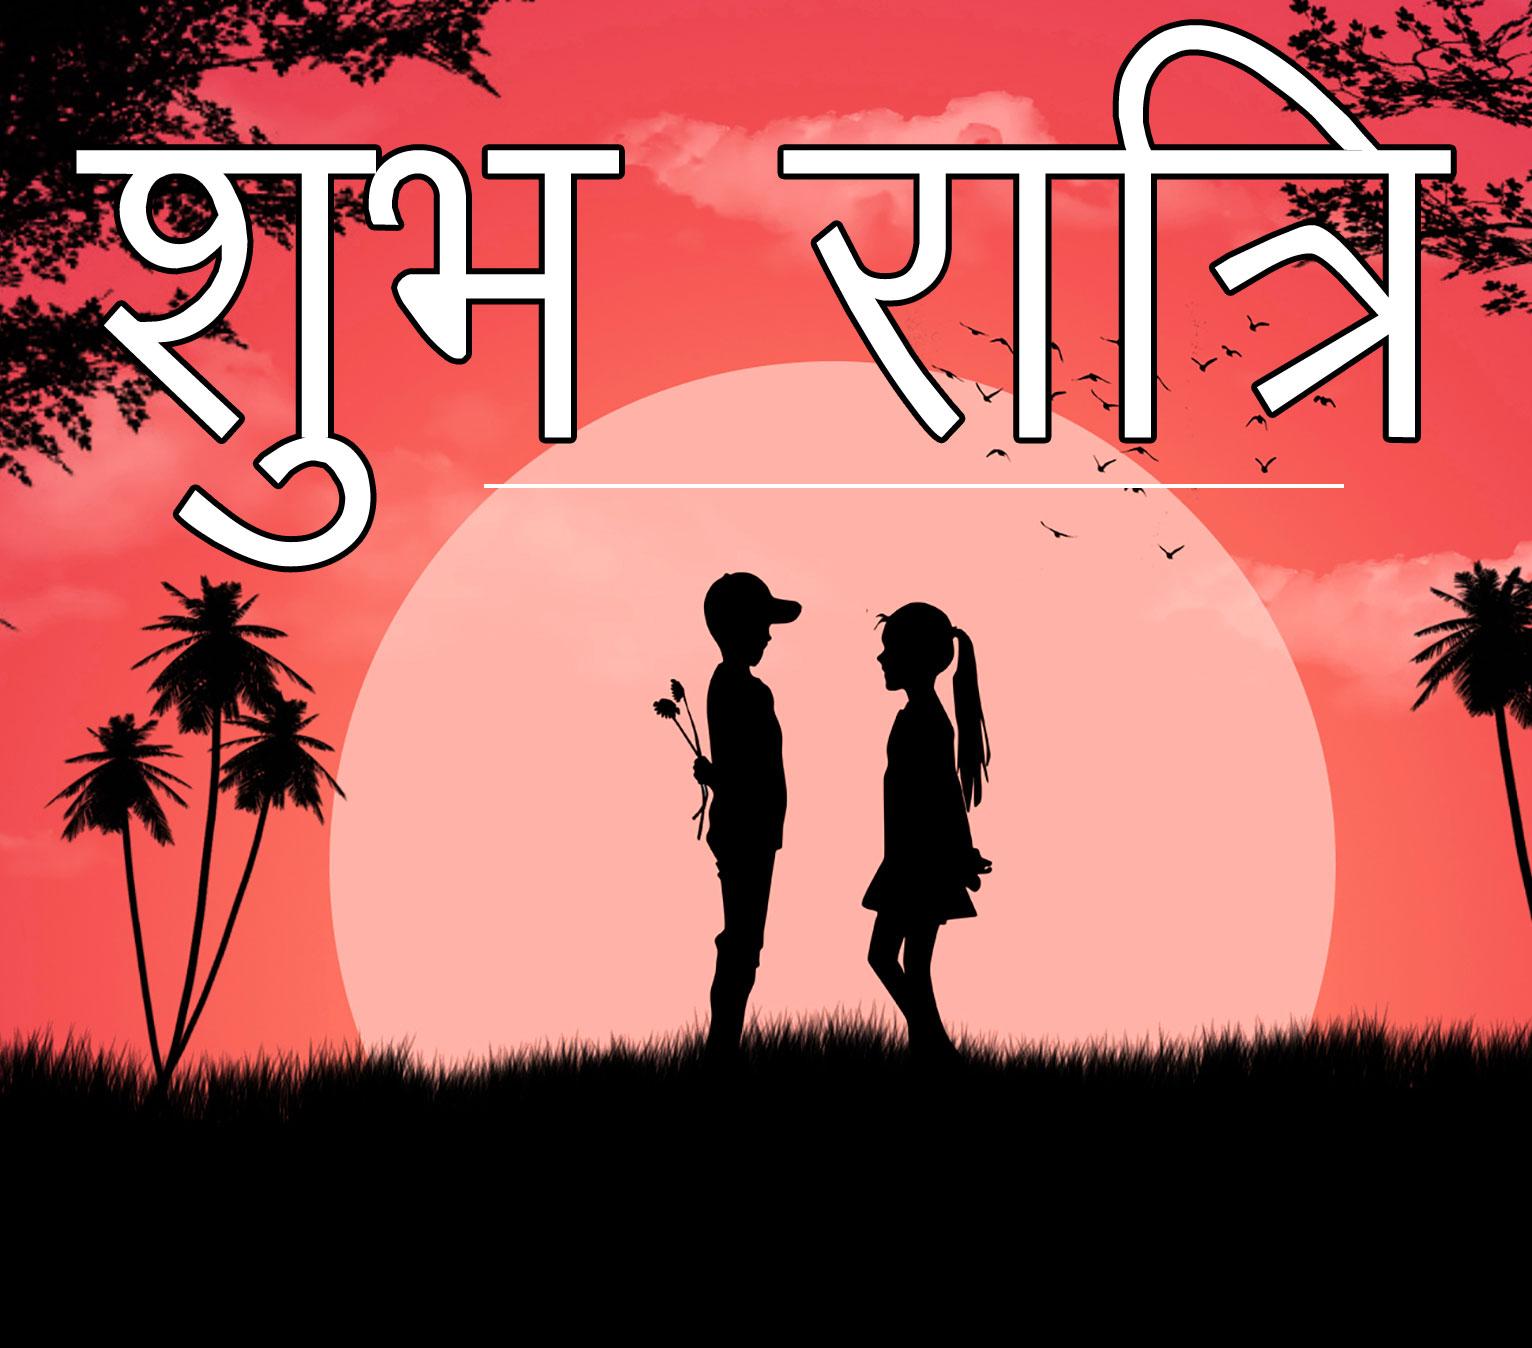 Subh Ratri 63